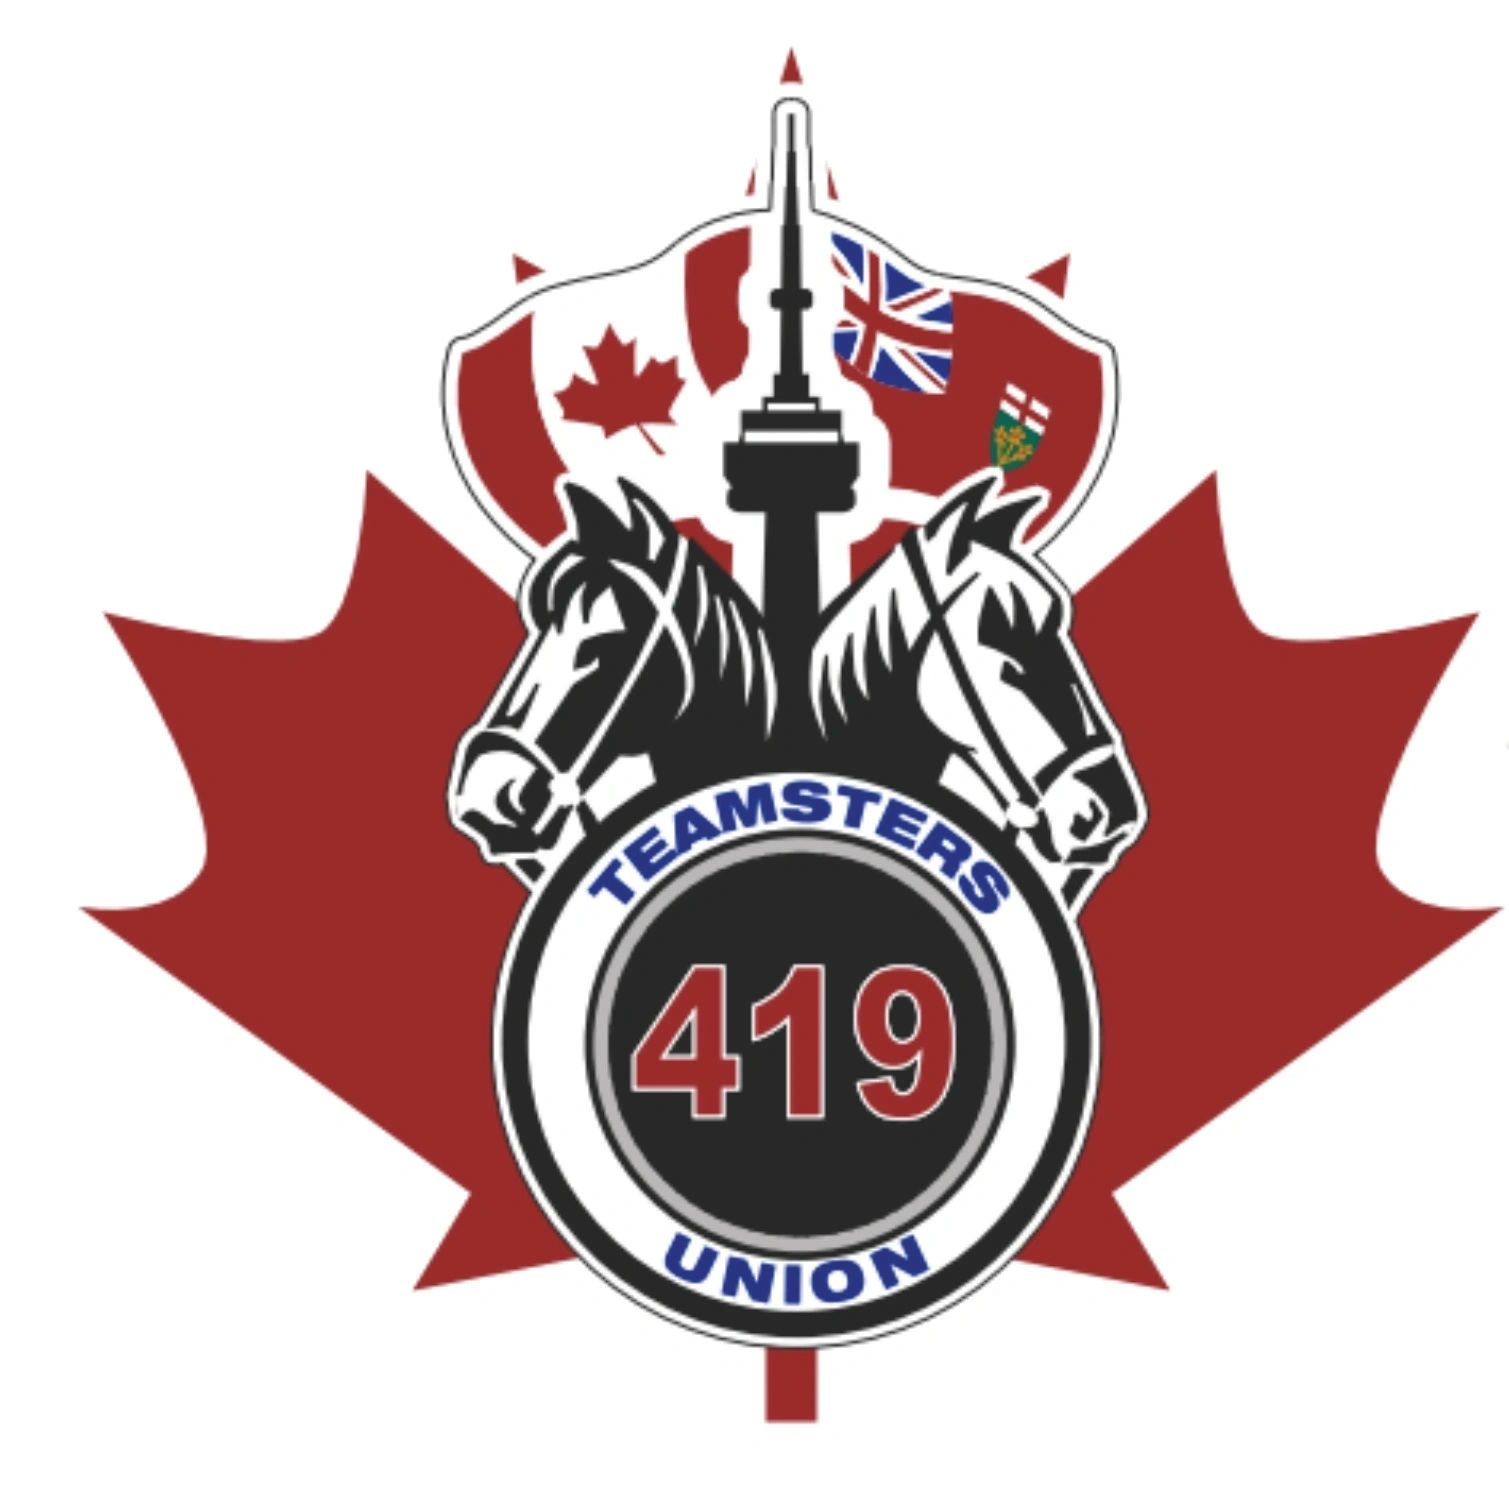 (c) Teamsters419.ca